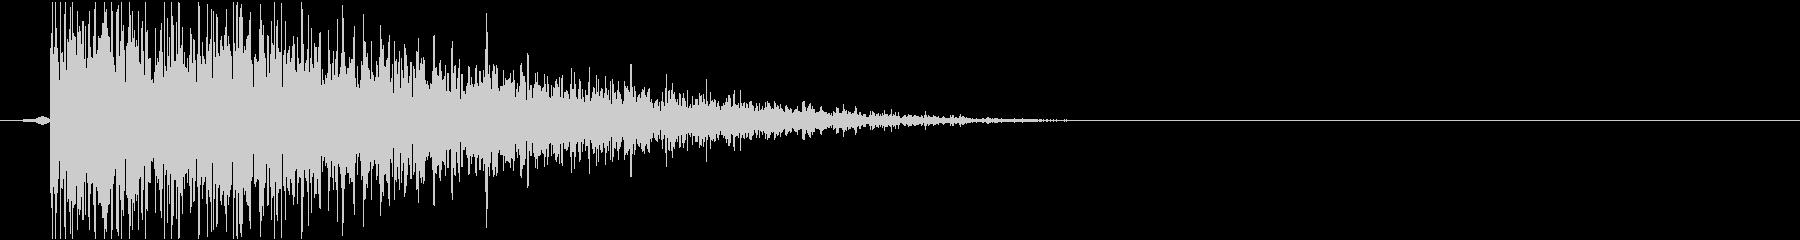 カーソル音_決定音_長調-C-13_の未再生の波形